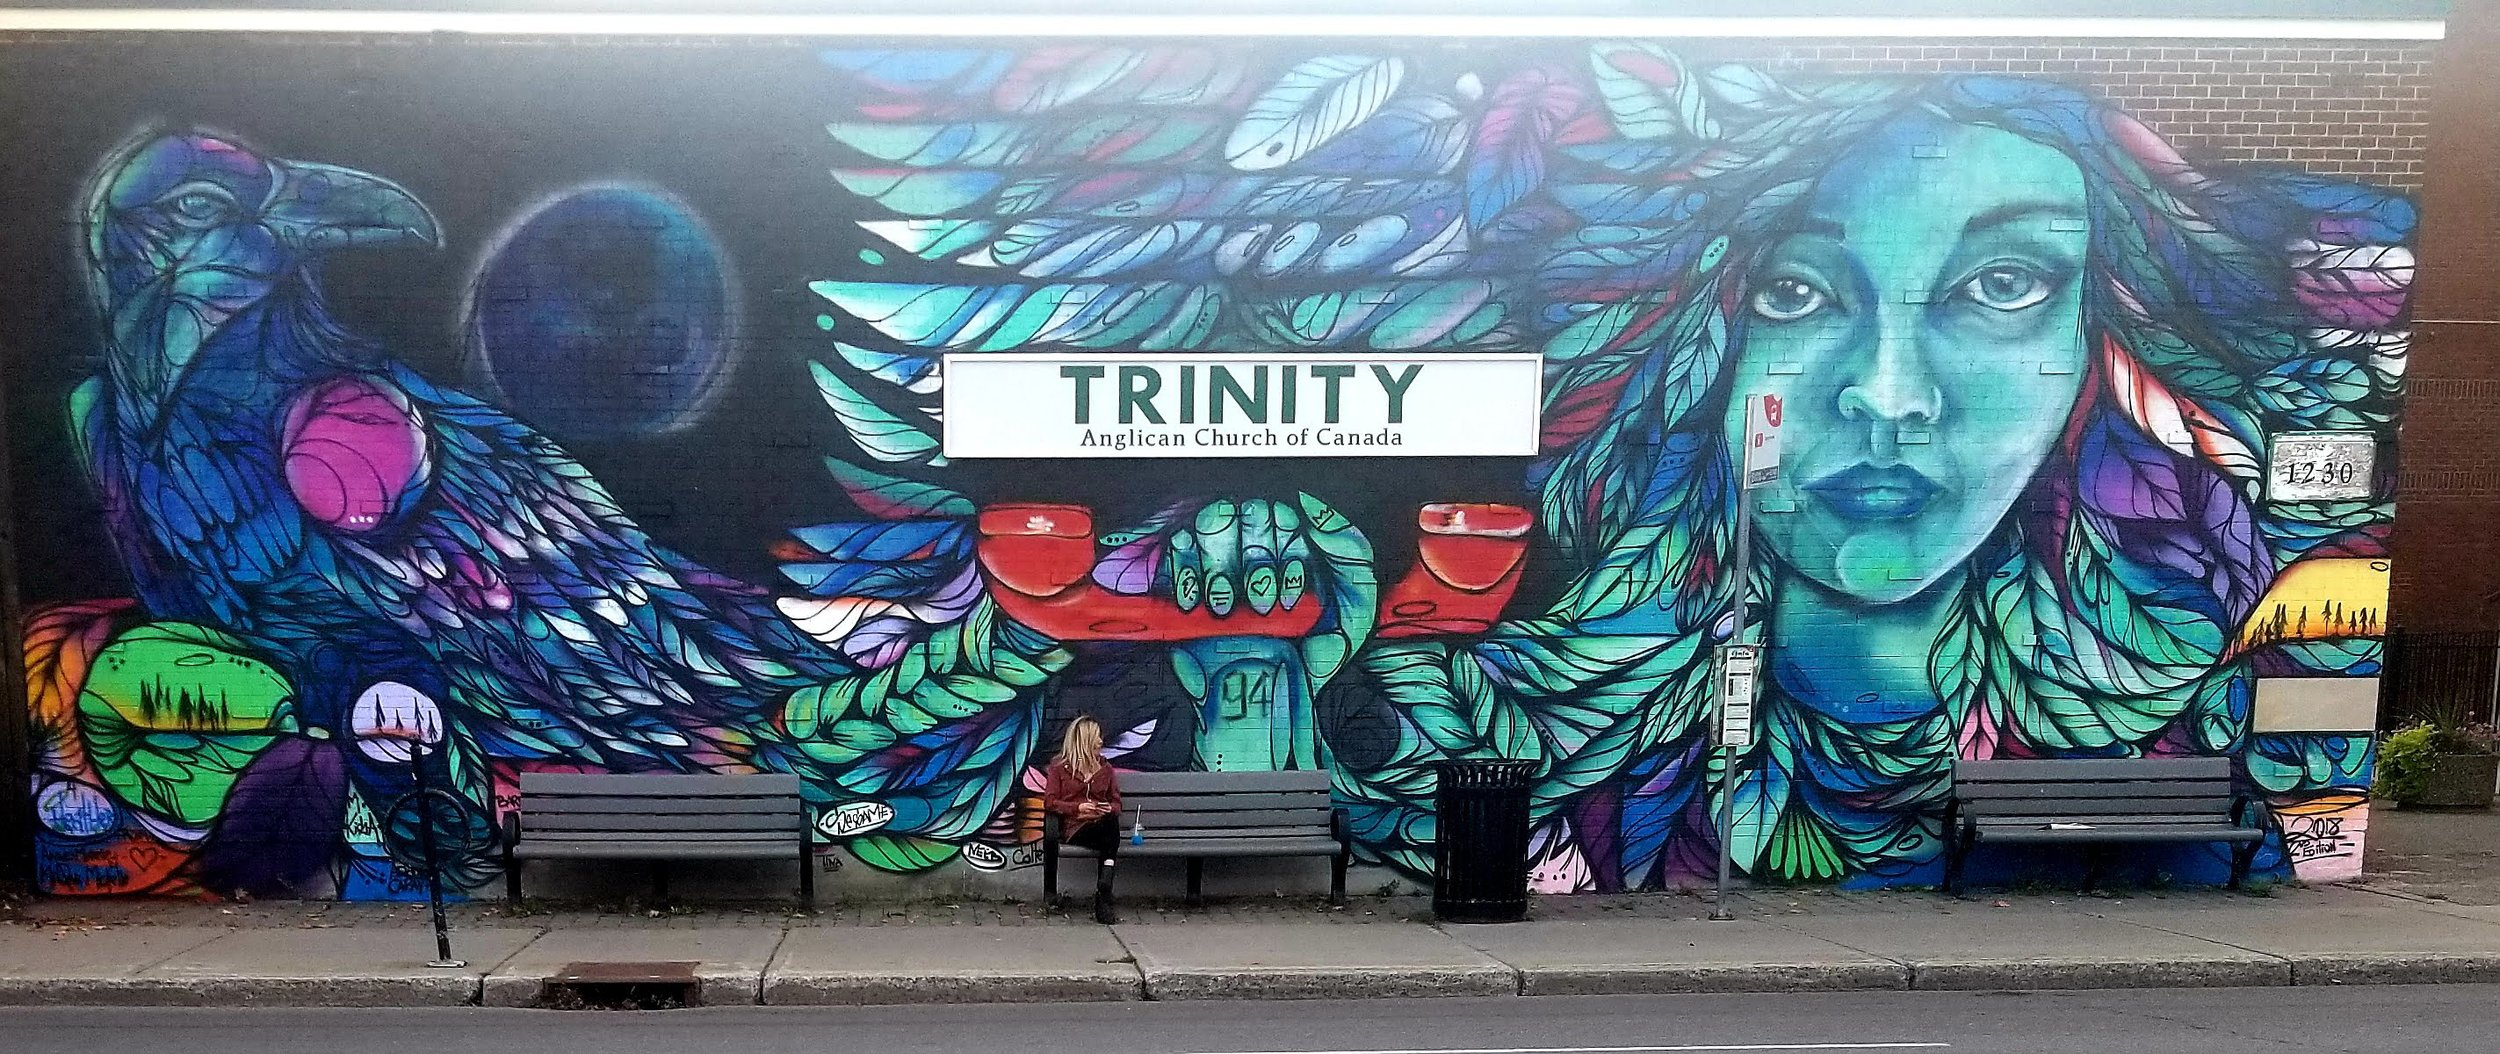 """Murale """"Telling the Truth"""" réalisée par l'artiste Mique Michelle en septembre 2018 sur un des murs extérieurs de la Trinity Anglican Church, à Ottawa"""